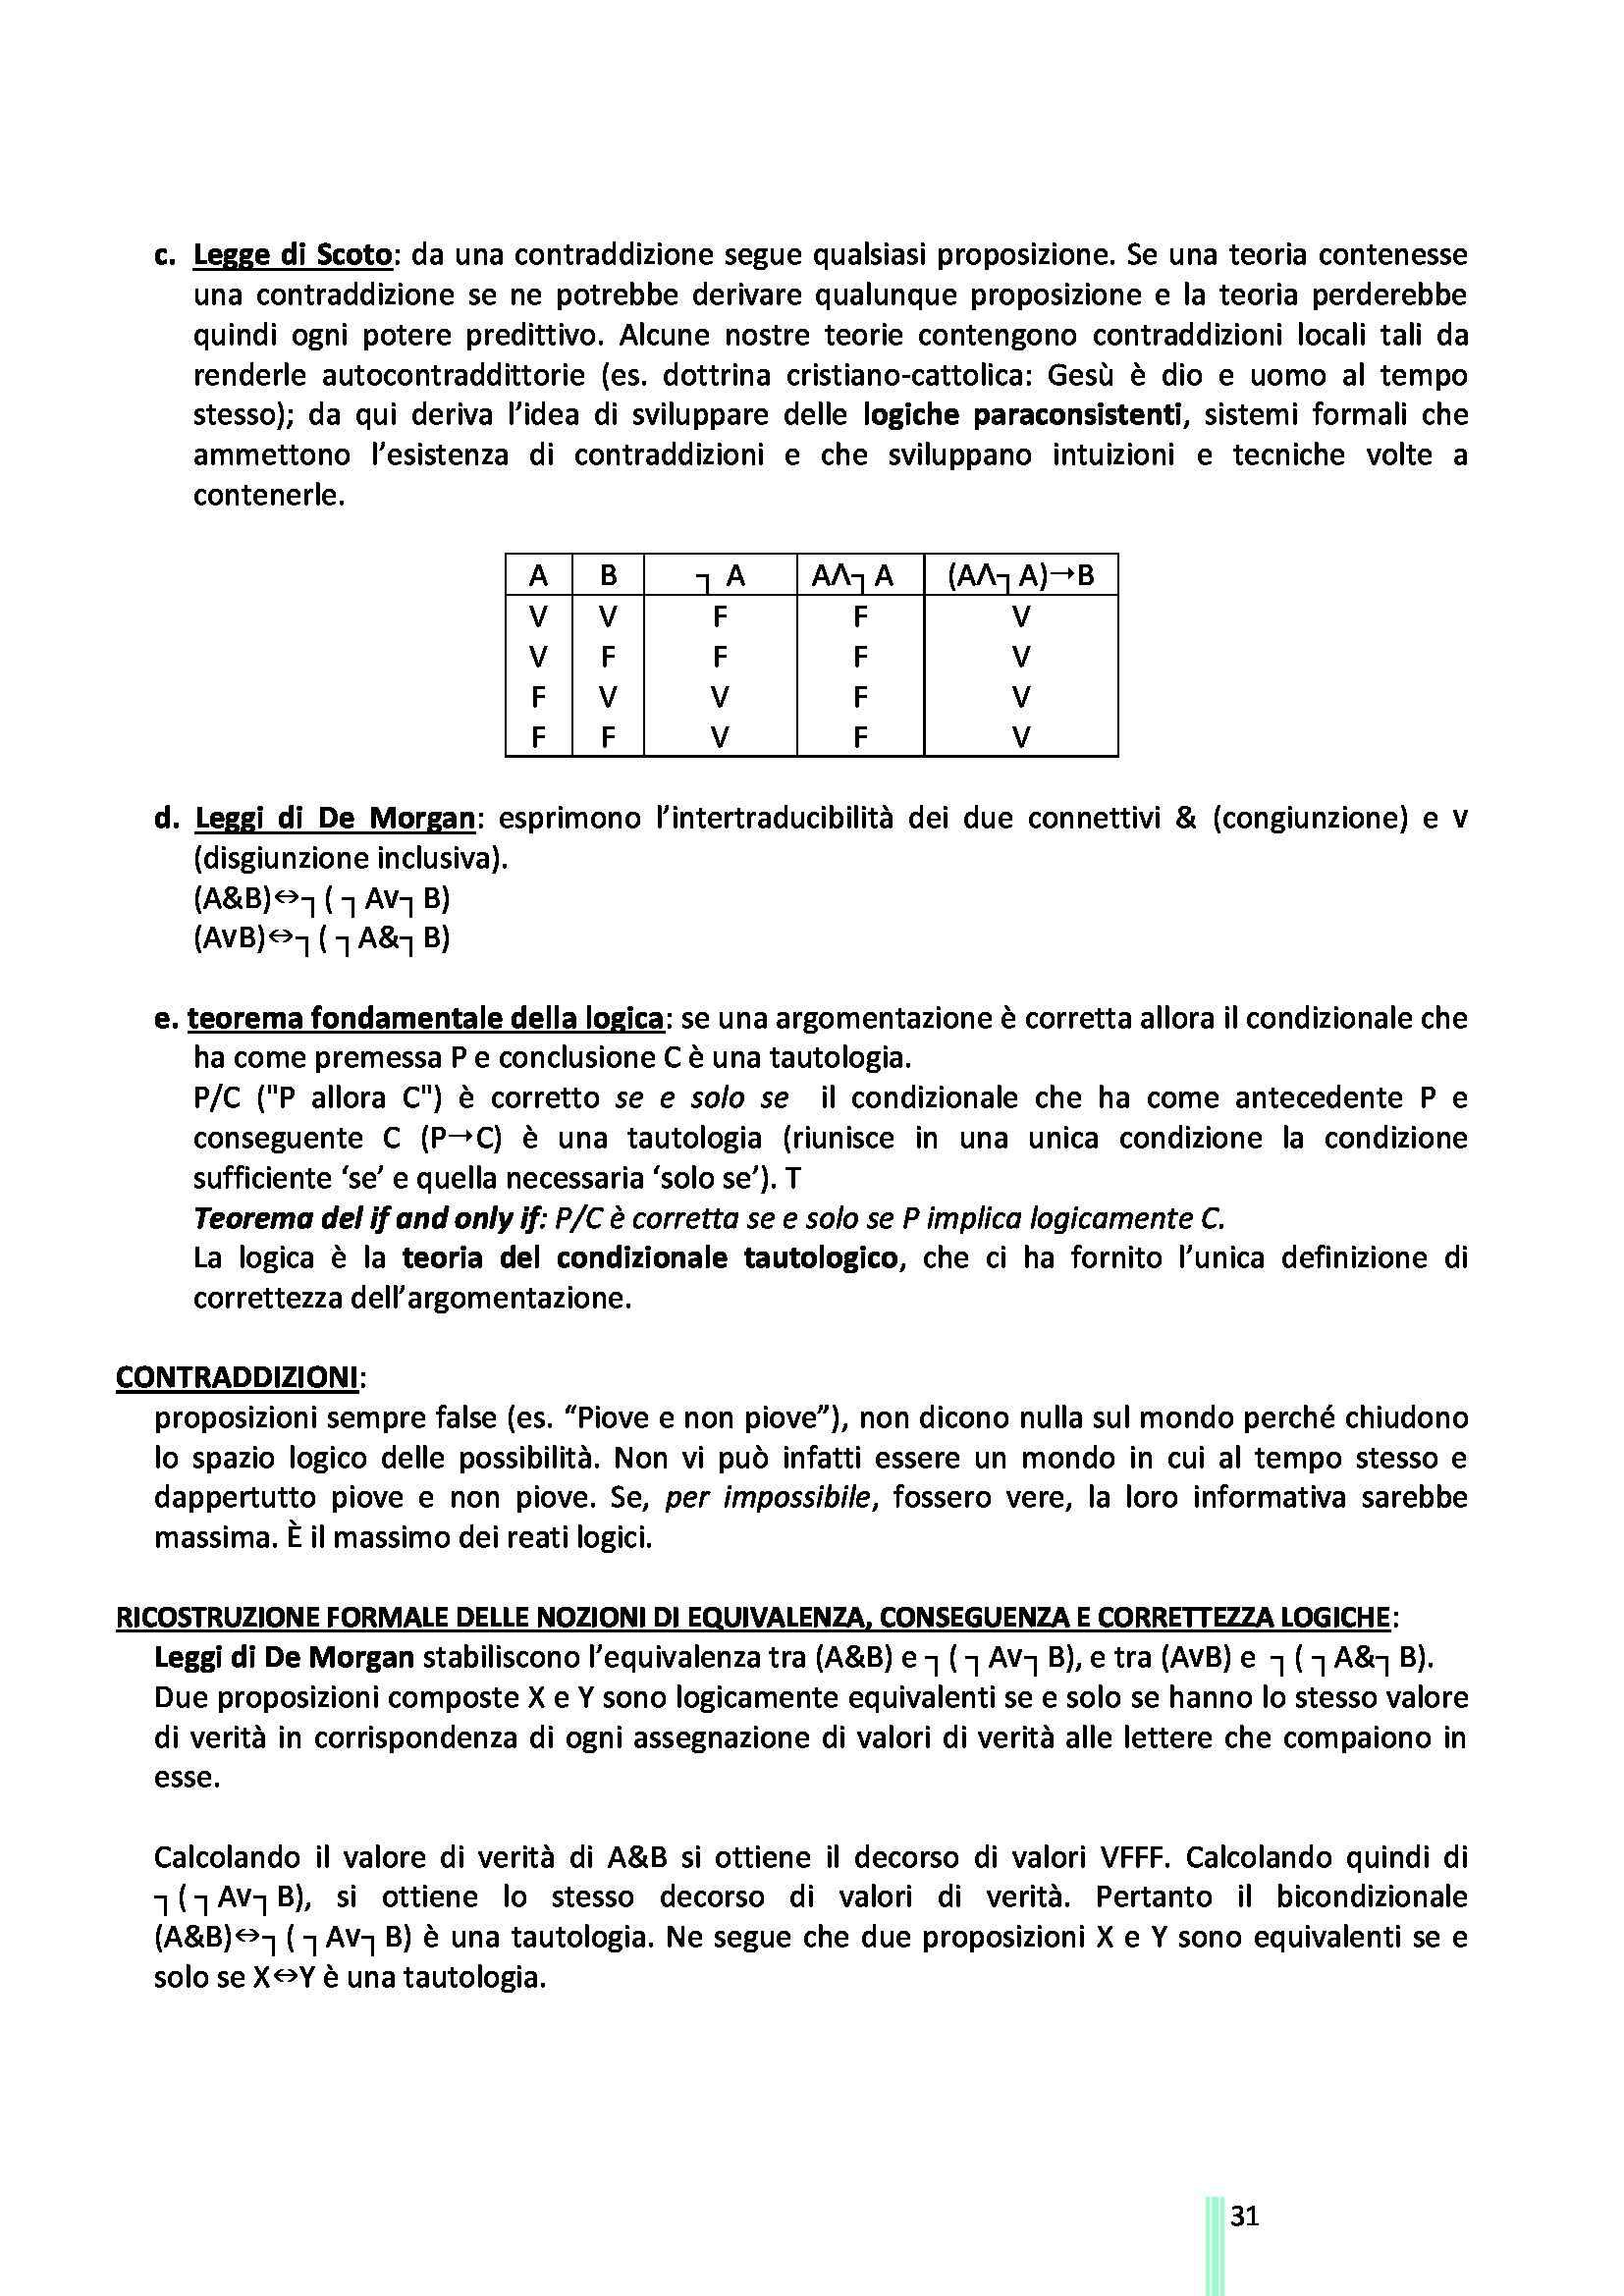 Logica e Argomentazione Giuridica - Appunti e sunti, prof. Artosi Pag. 31